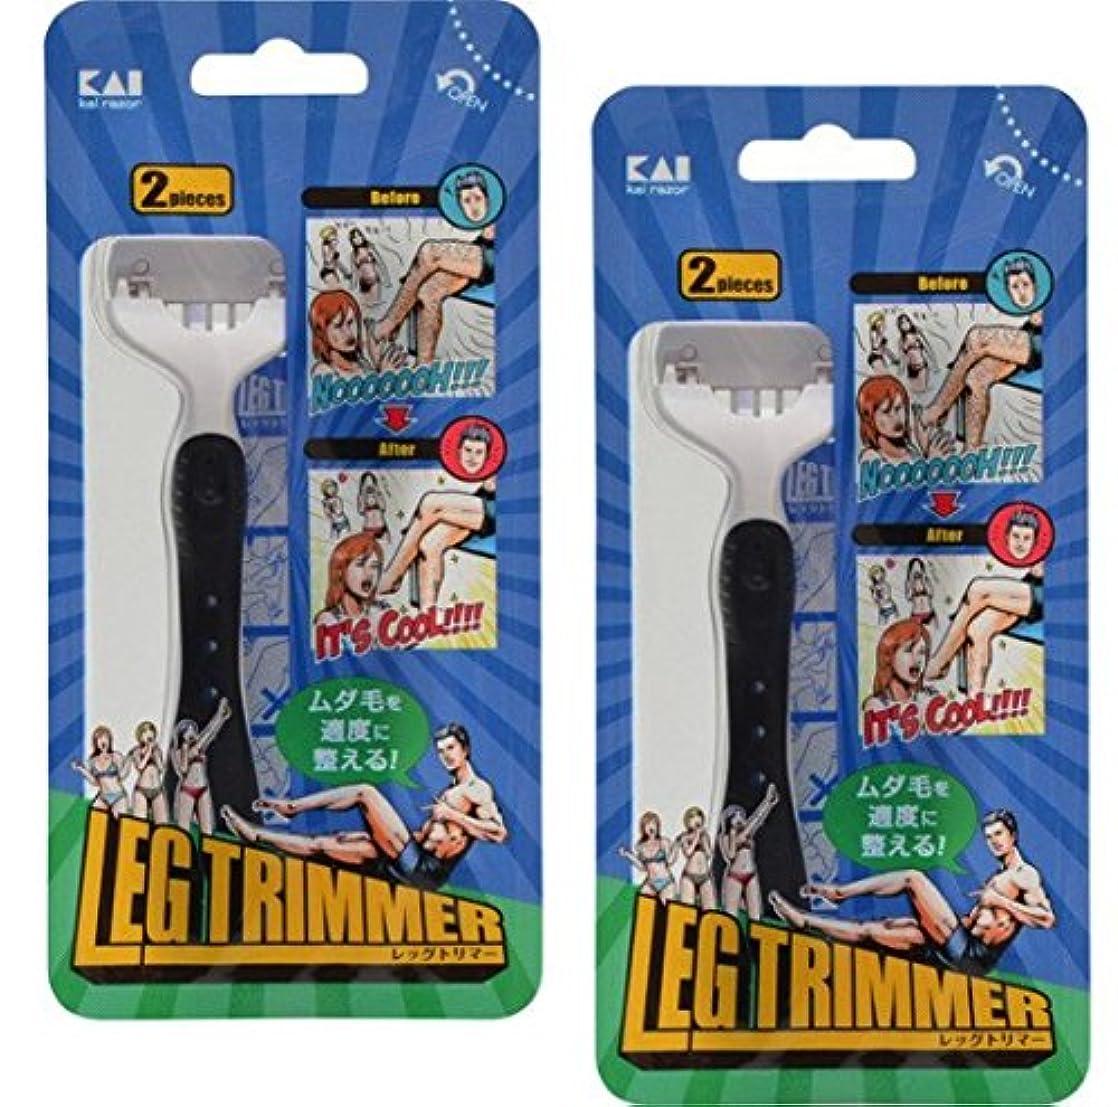 アクティビティ消去ごめんなさいLEG TRIMMER レッグトリマー (むだ毛を適度に整えるカミソリ)2本入 2セット